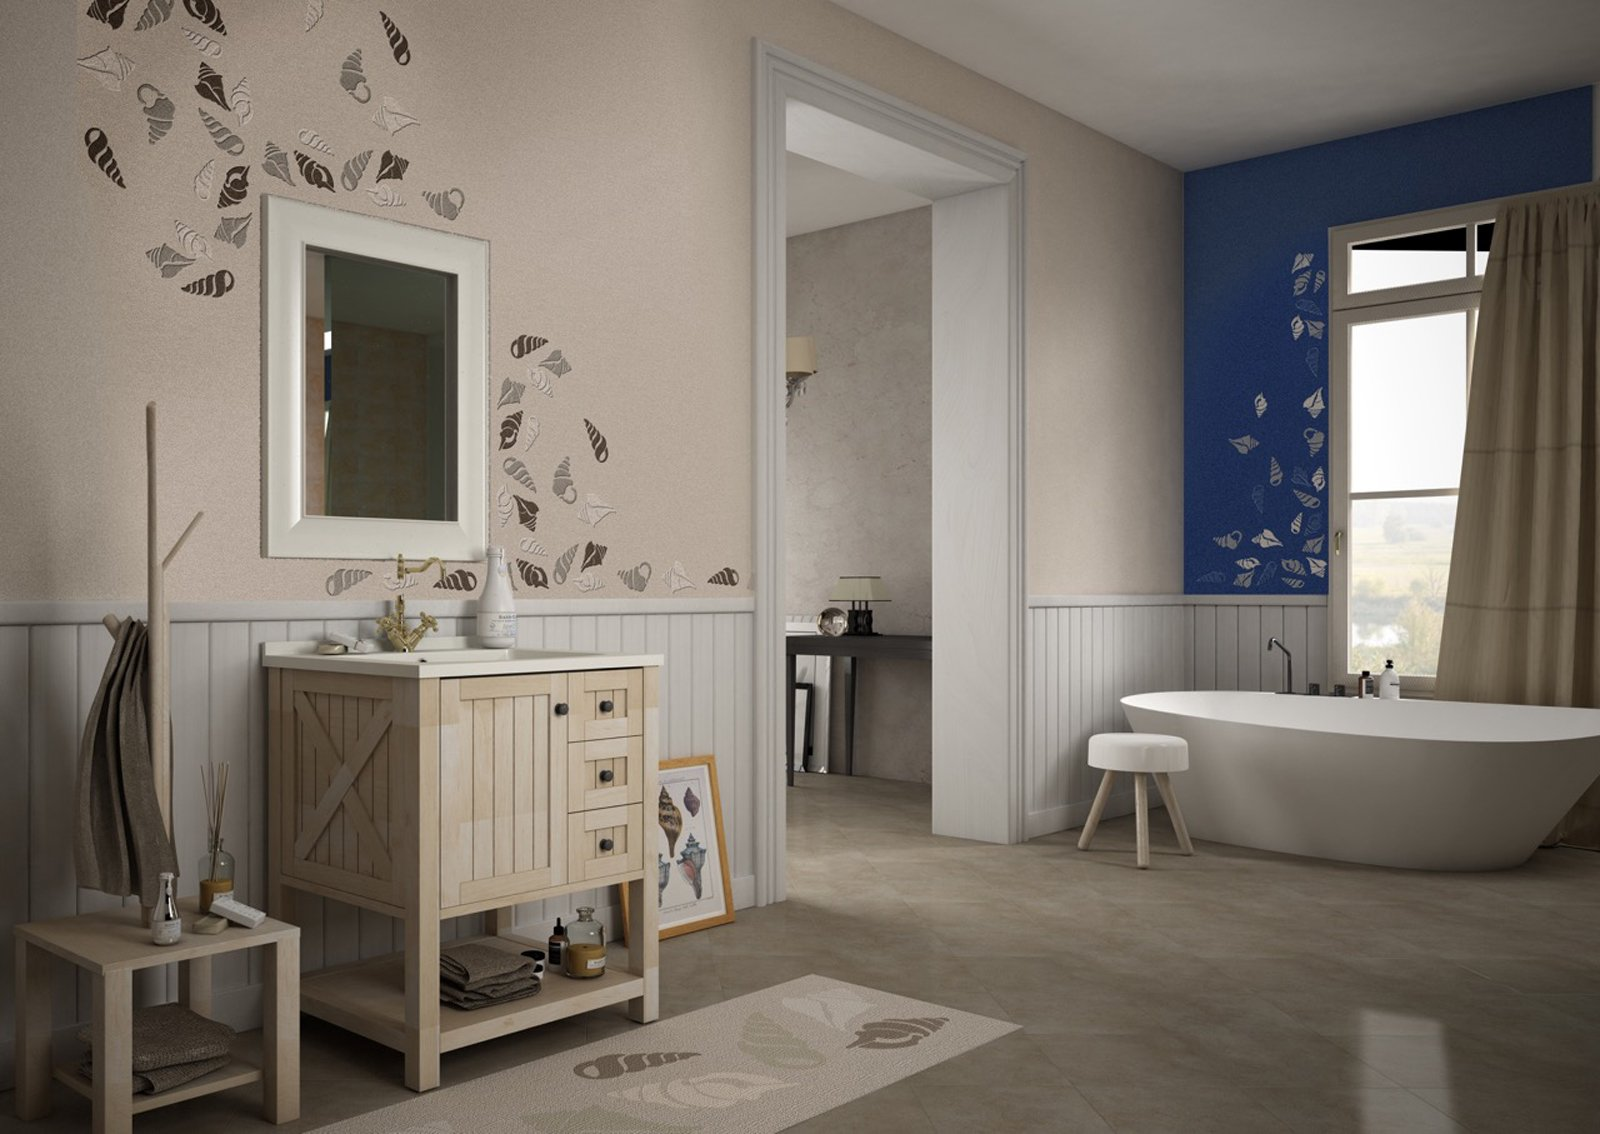 Rinnovare il bagno senza togliere le piastrelle - Resina per pareti bagno ...